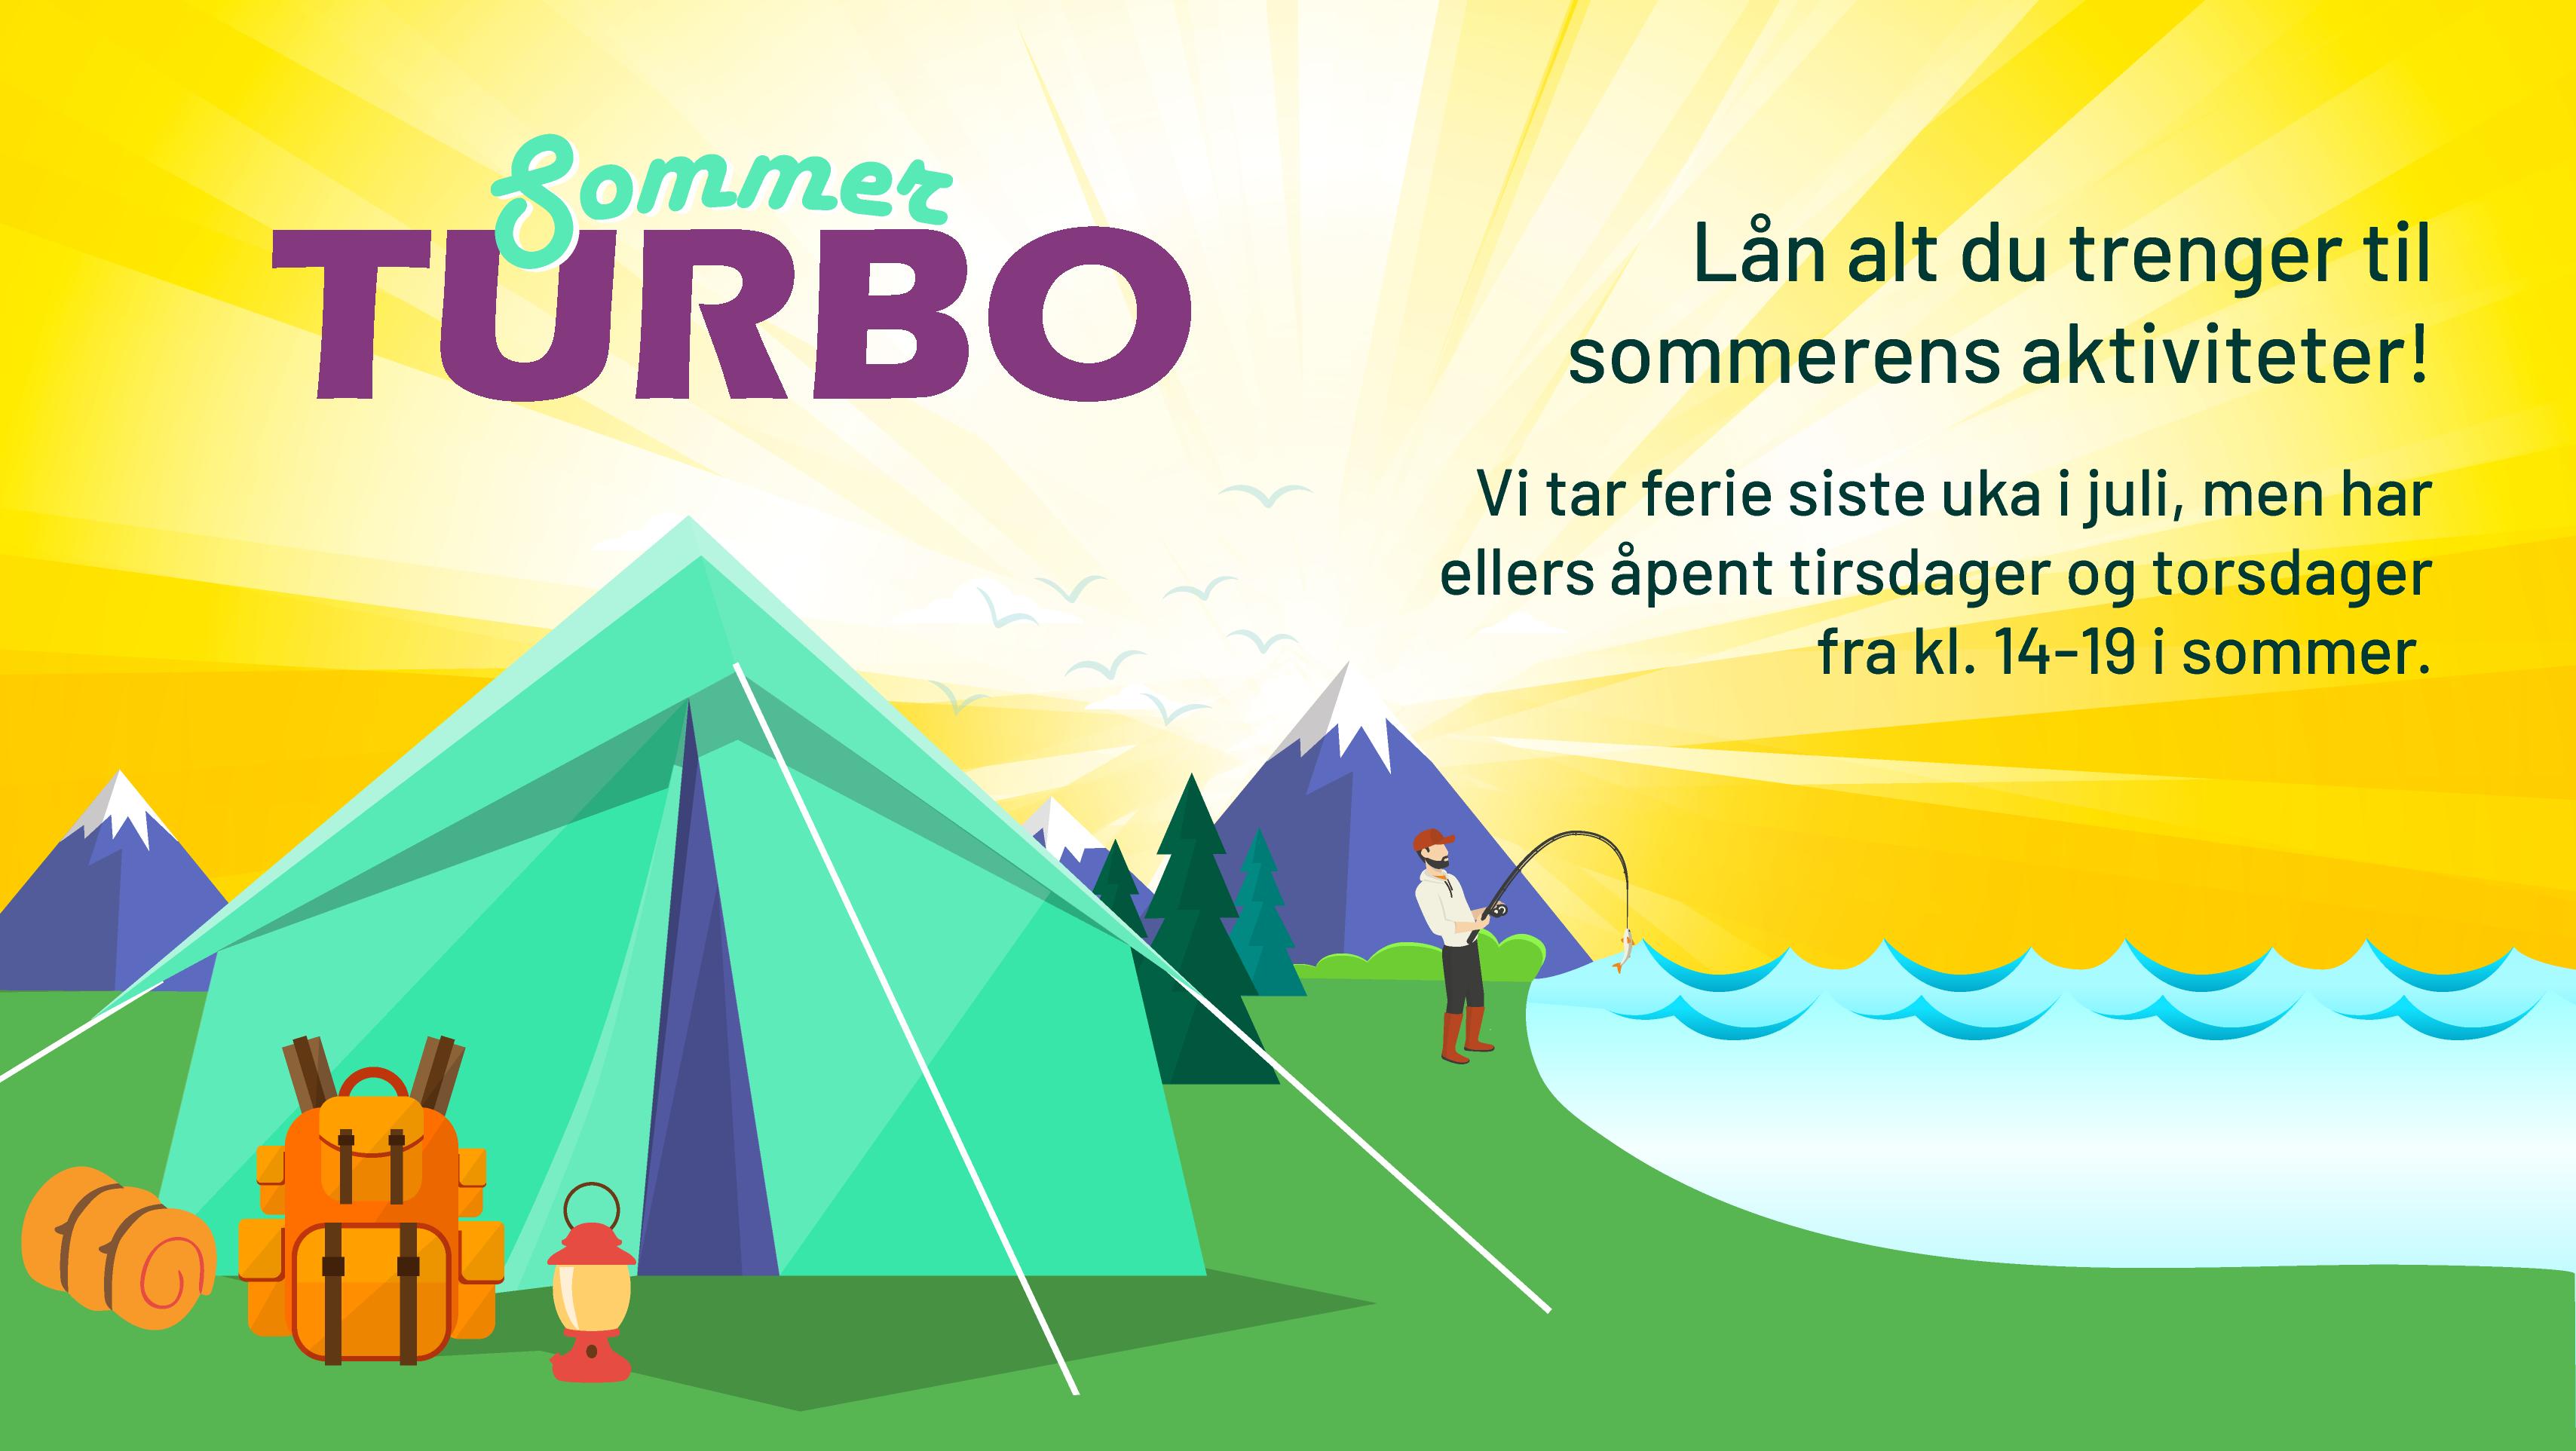 Turbo sommer